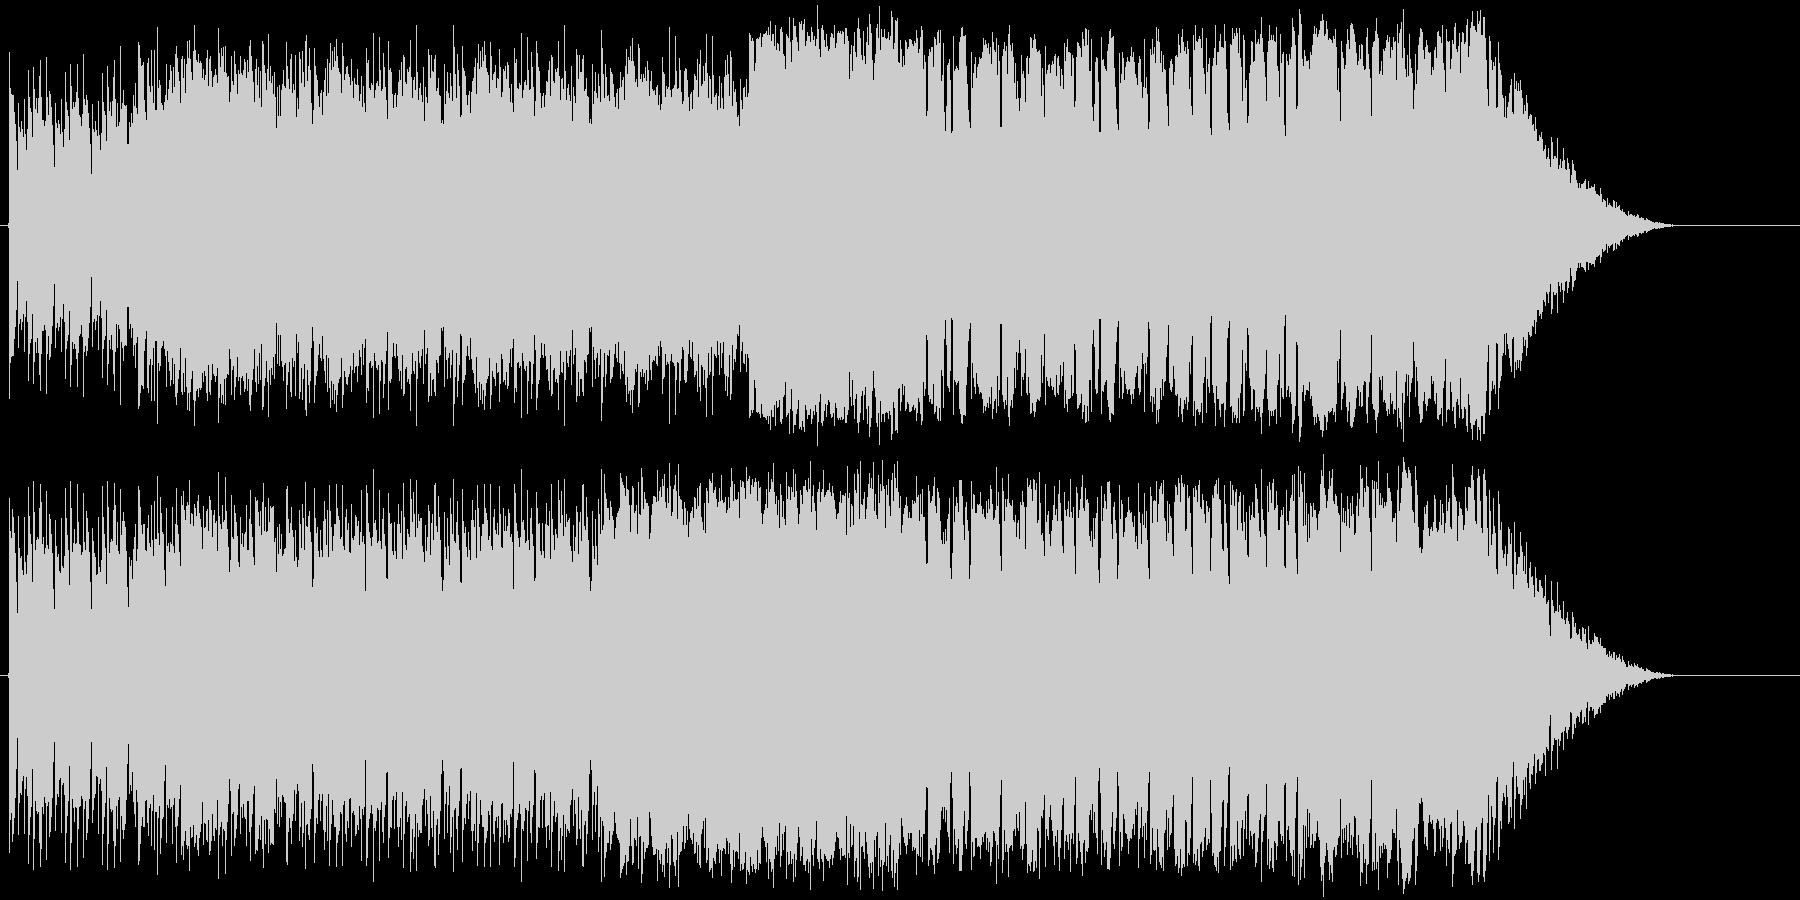 金管メイン+オーケストラ+ピアノ曲_0…の未再生の波形